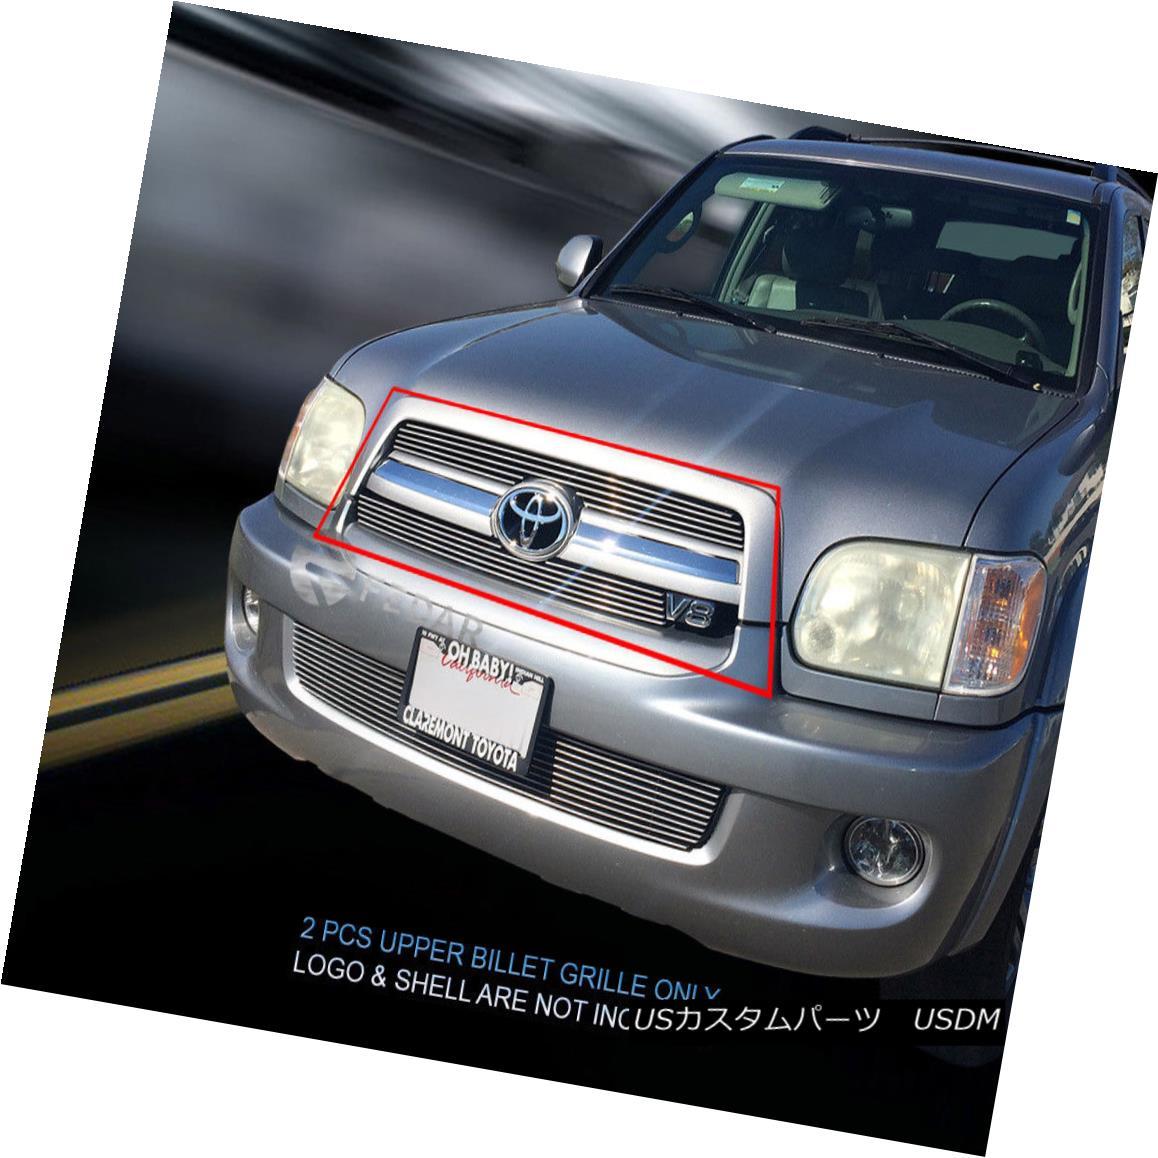 グリル 05 06 07 Toyota Sequoia Billet Grille Grill Upper Insert Fedar 05 06 07トヨタセコイアビレットグリルグリルアッパーインサートフェルダー